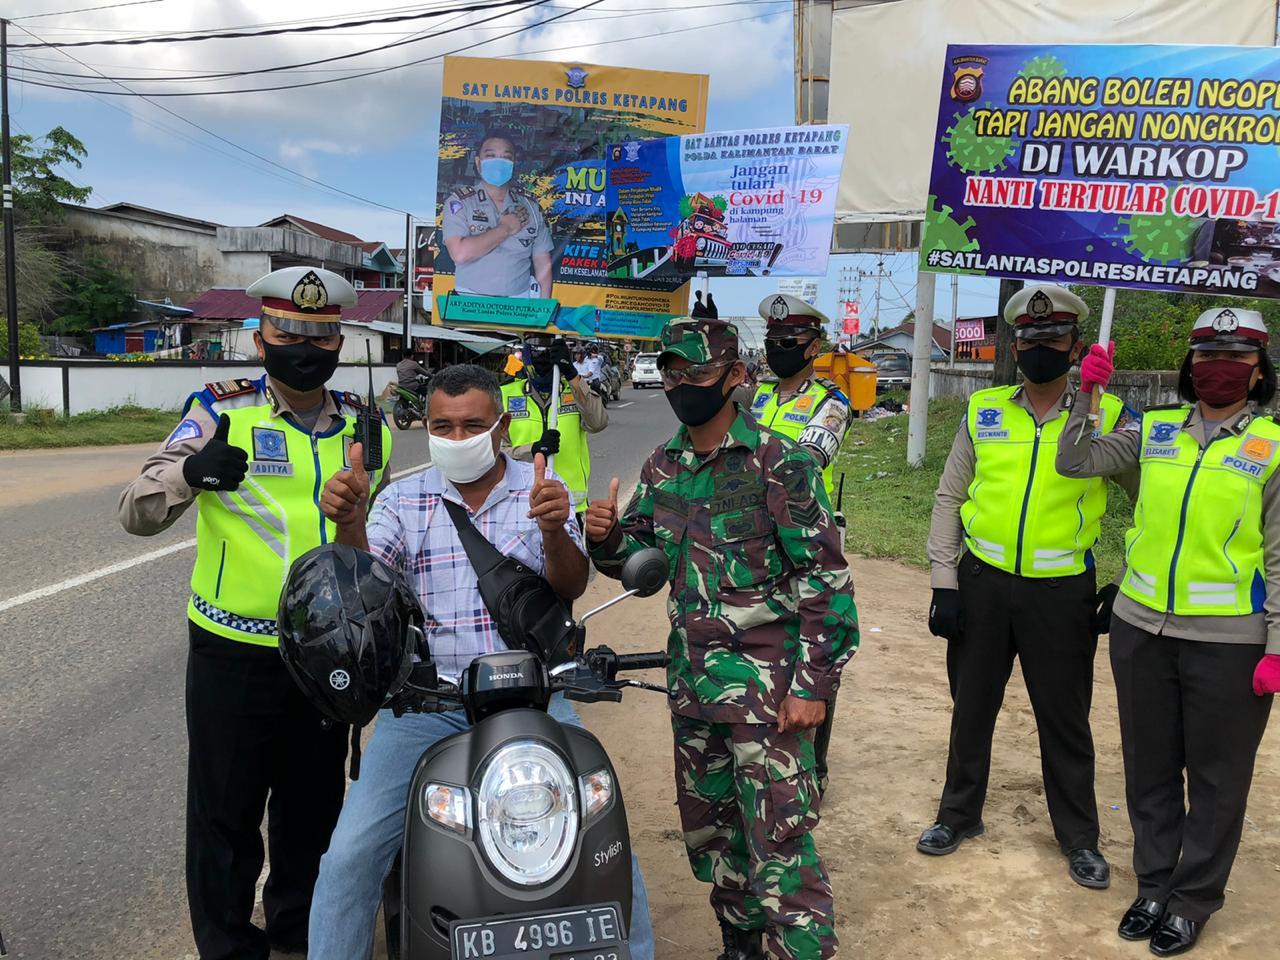 Operasi Keselamatan Kapuas 2020, Satlantas Polres Ketapang Bagikan Masker dan Hand Sanitizer Gratis